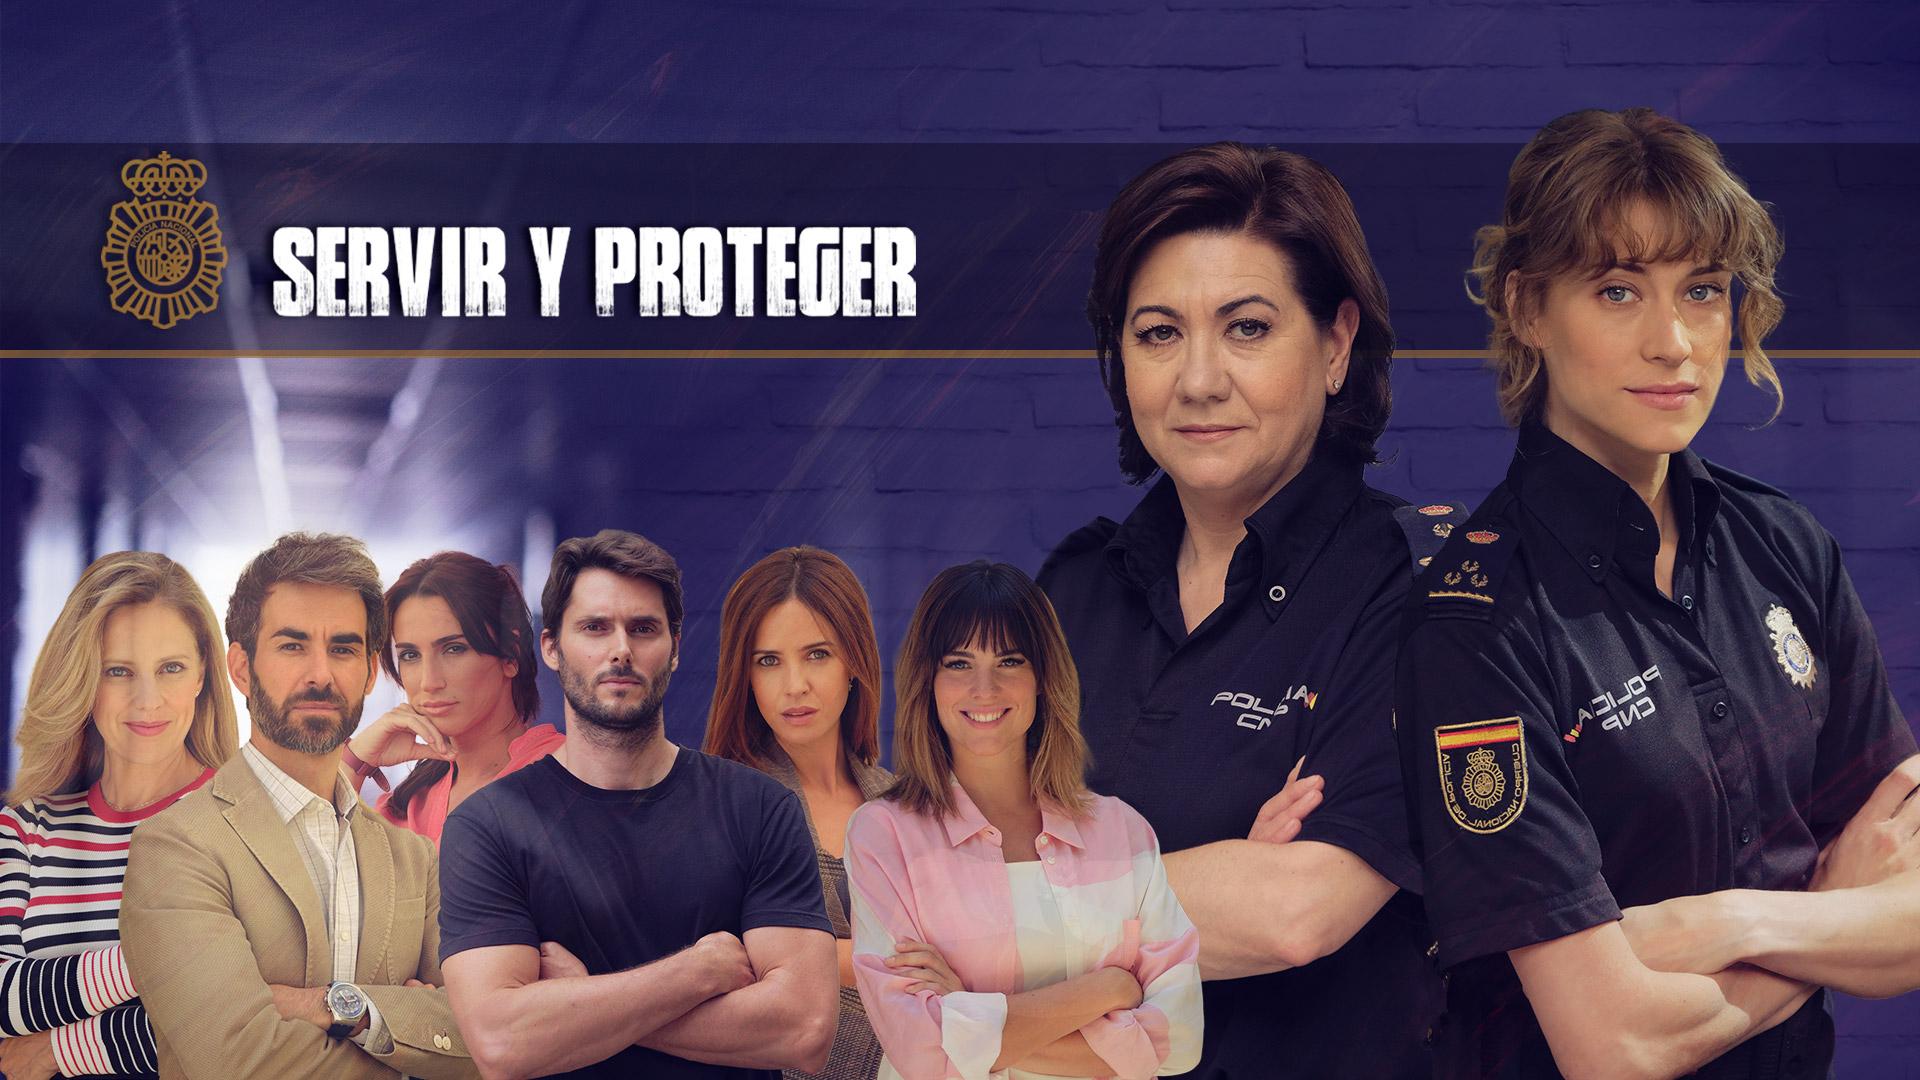 Servir y Proteger - Así es la nueva cabecera de 'Servir y Proteger' - RTVE .es